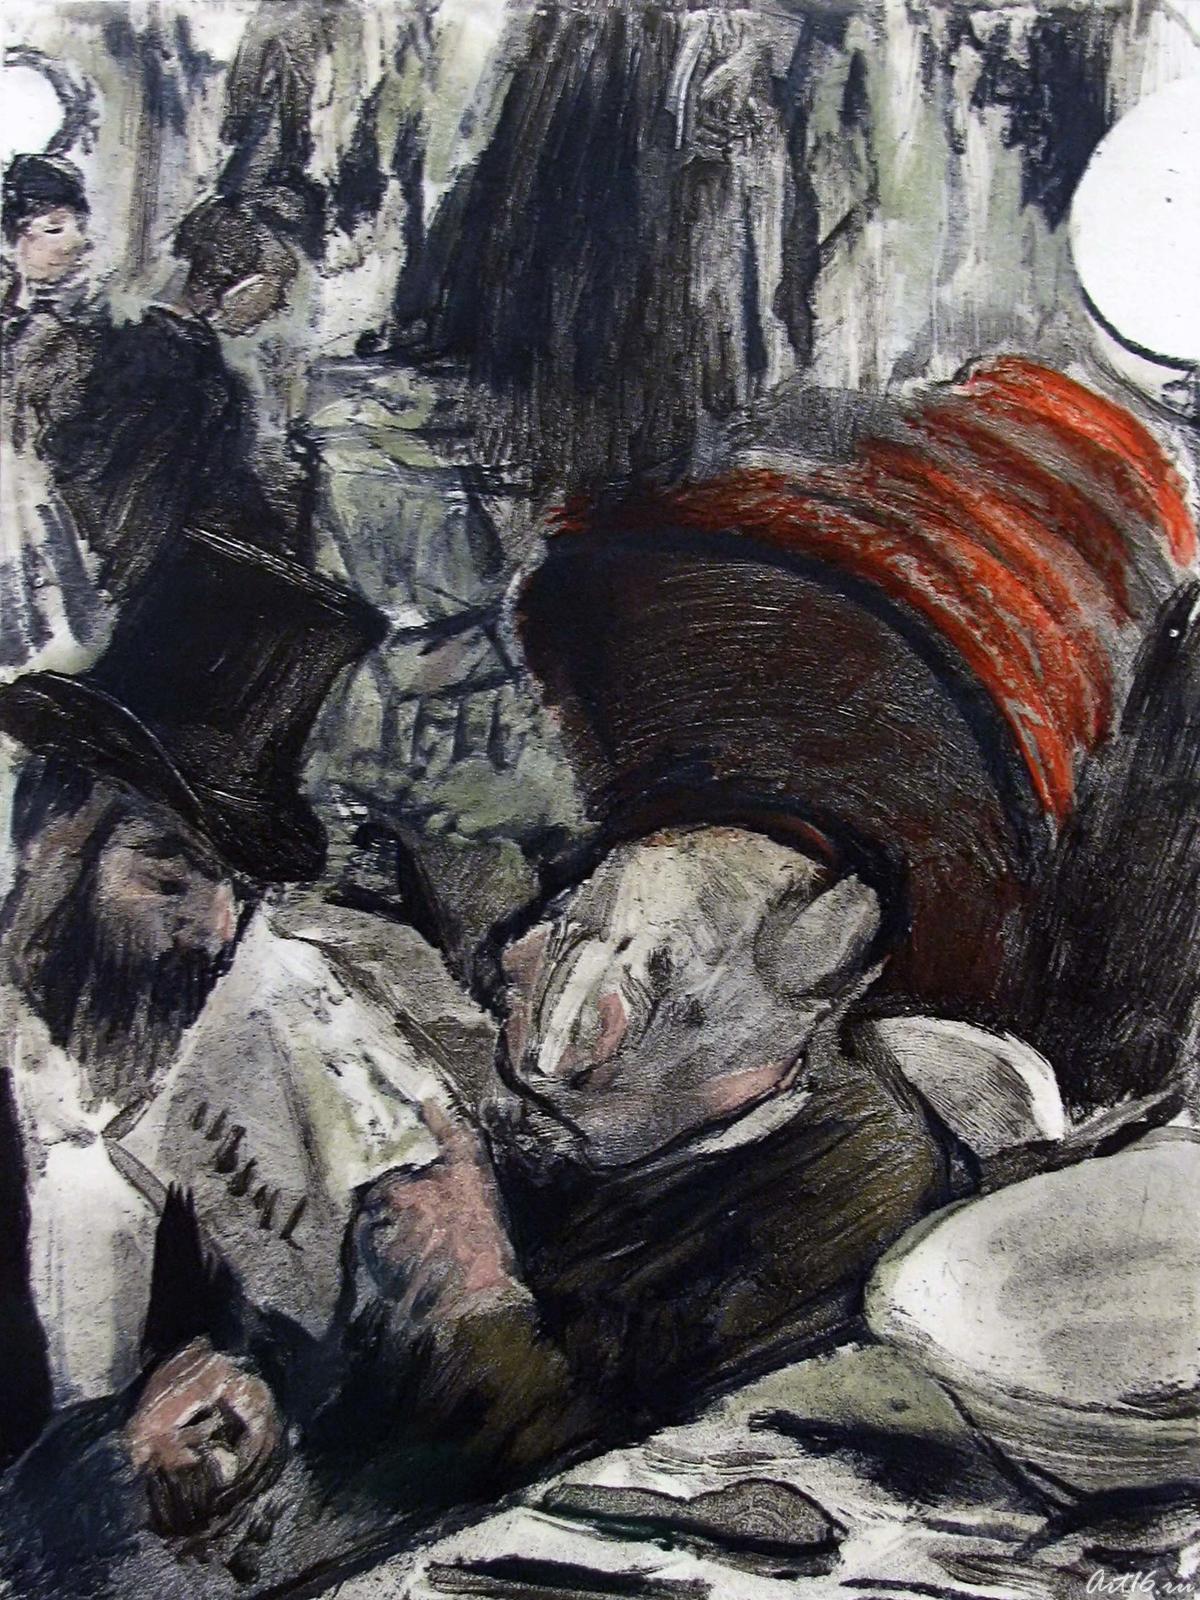 Фото №57855. Эдгар Дега. Иллюстрации к роману Людовика Галеви ''Семья Кардиналь'' _03